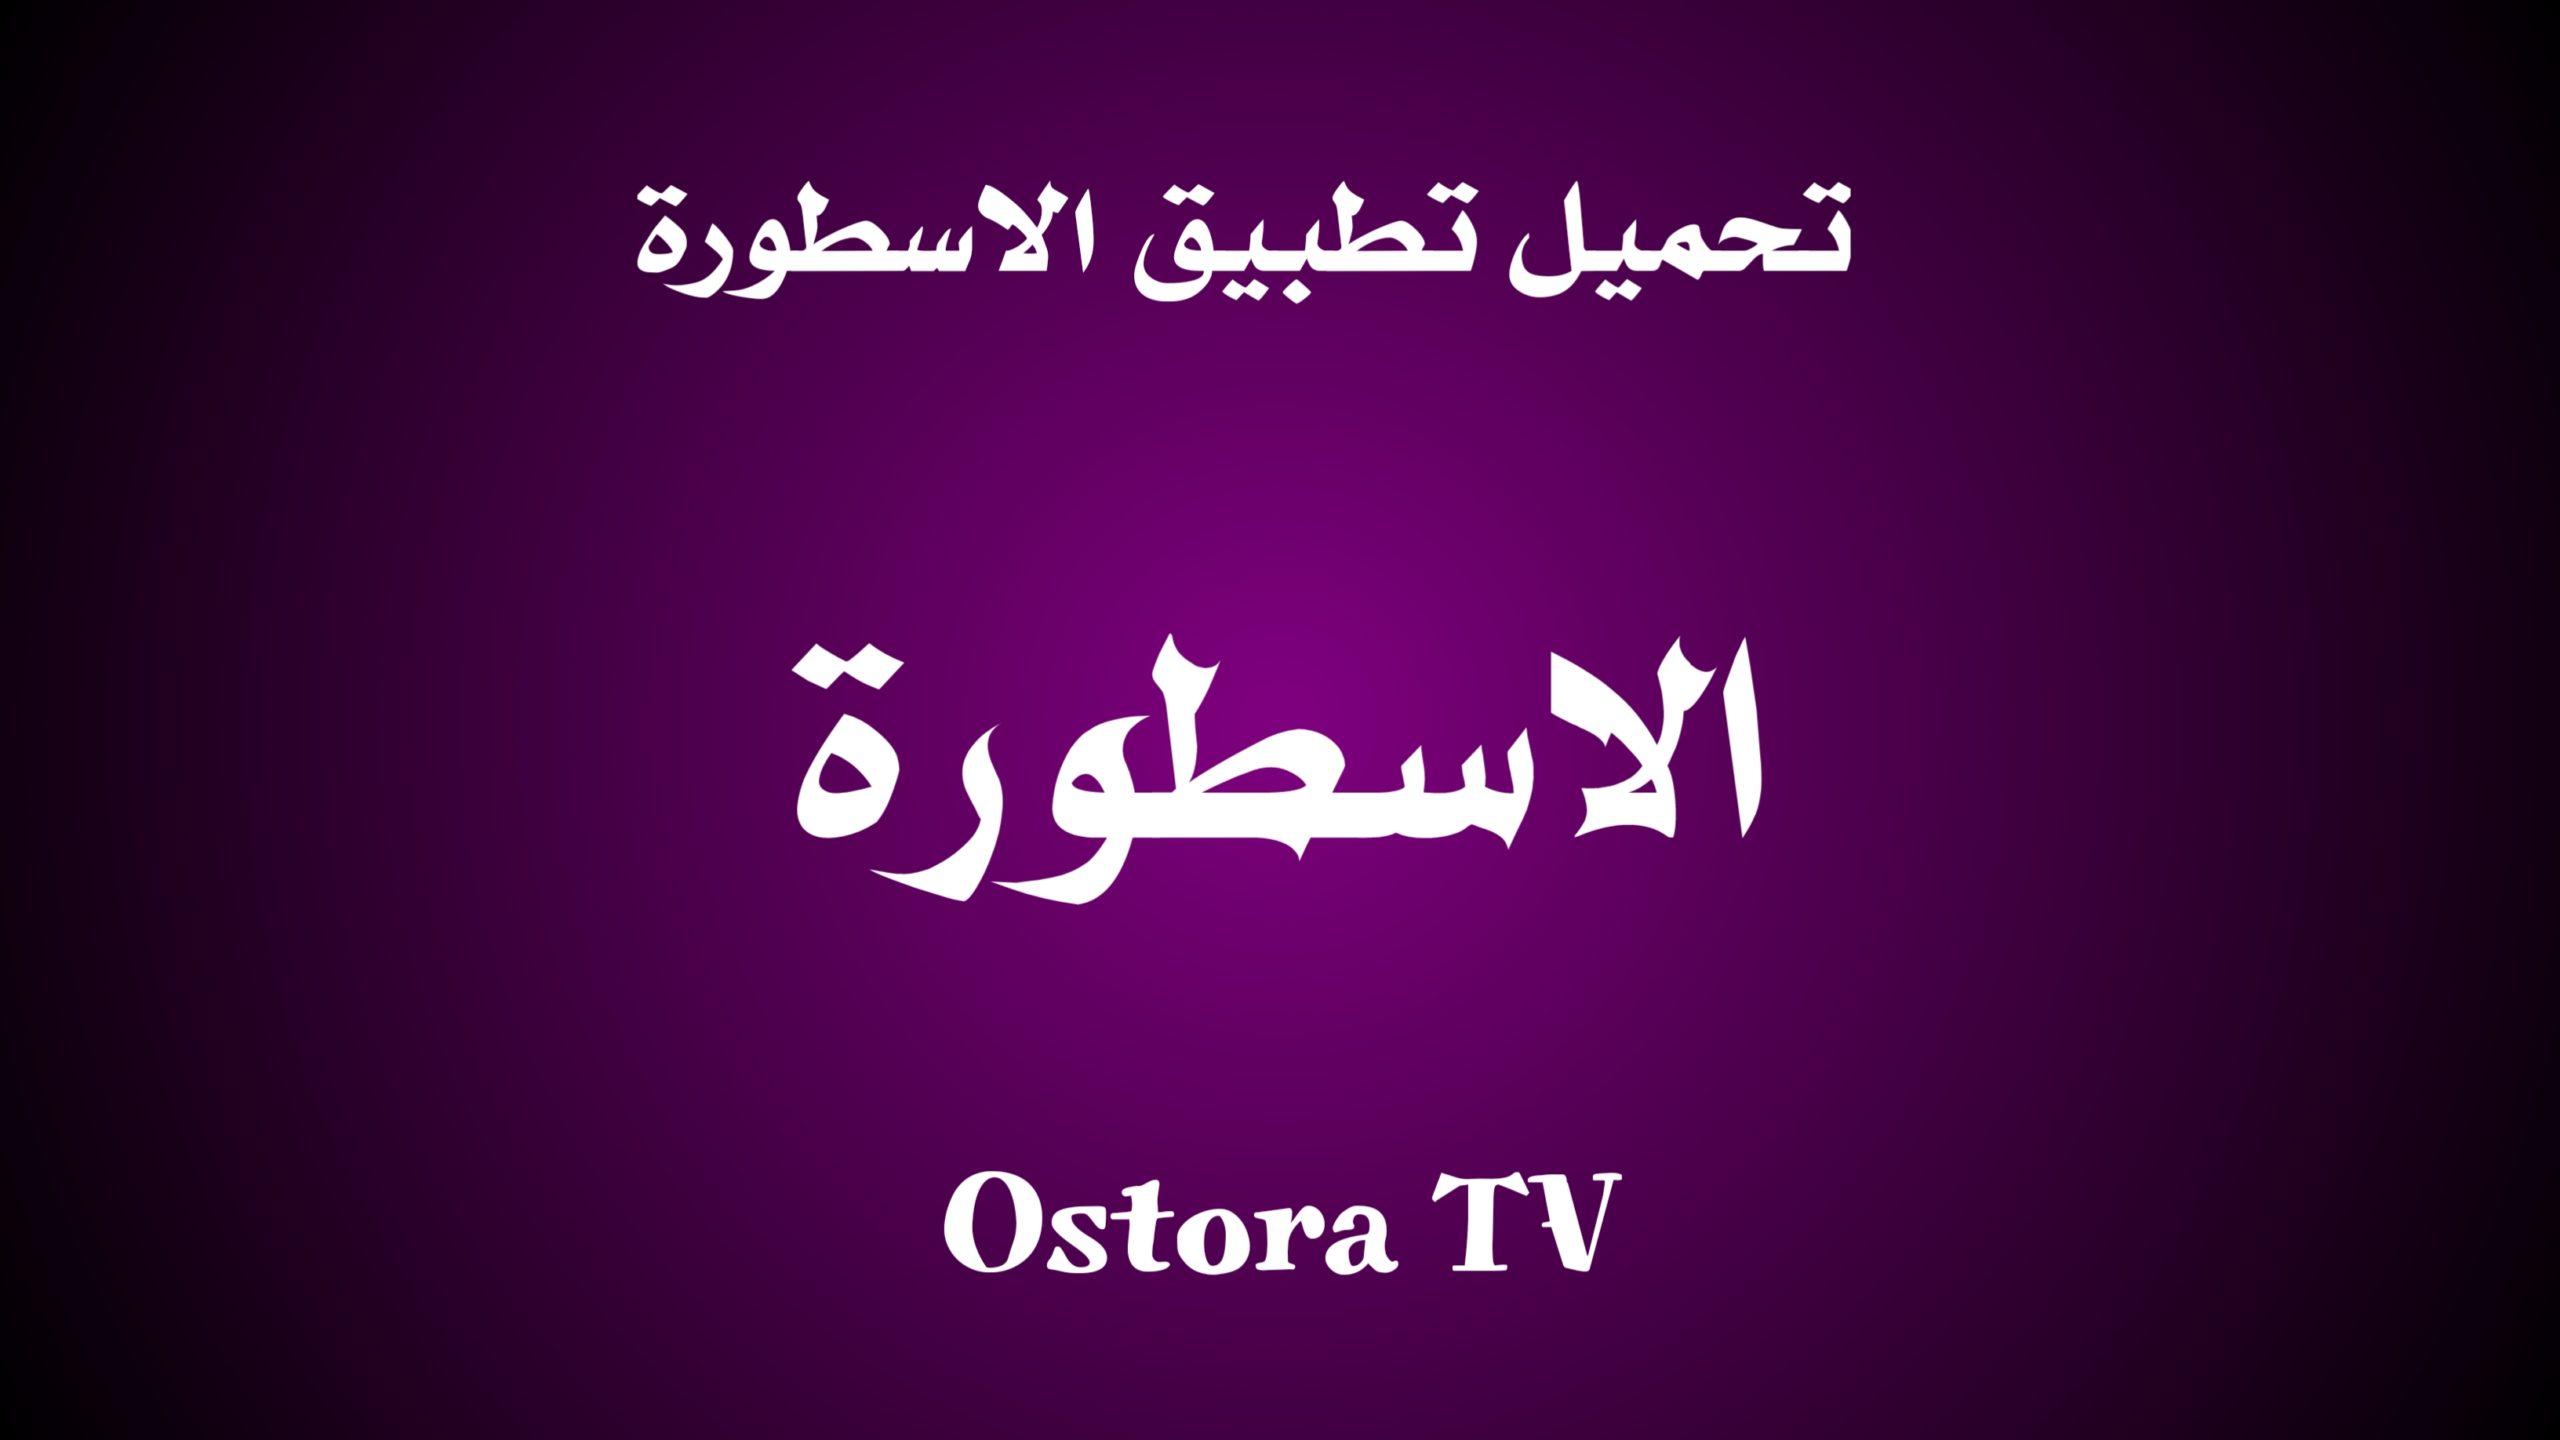 تحميل تطبيق الاسطورة Ostora TV للاندرويد اخر تحديث 2021